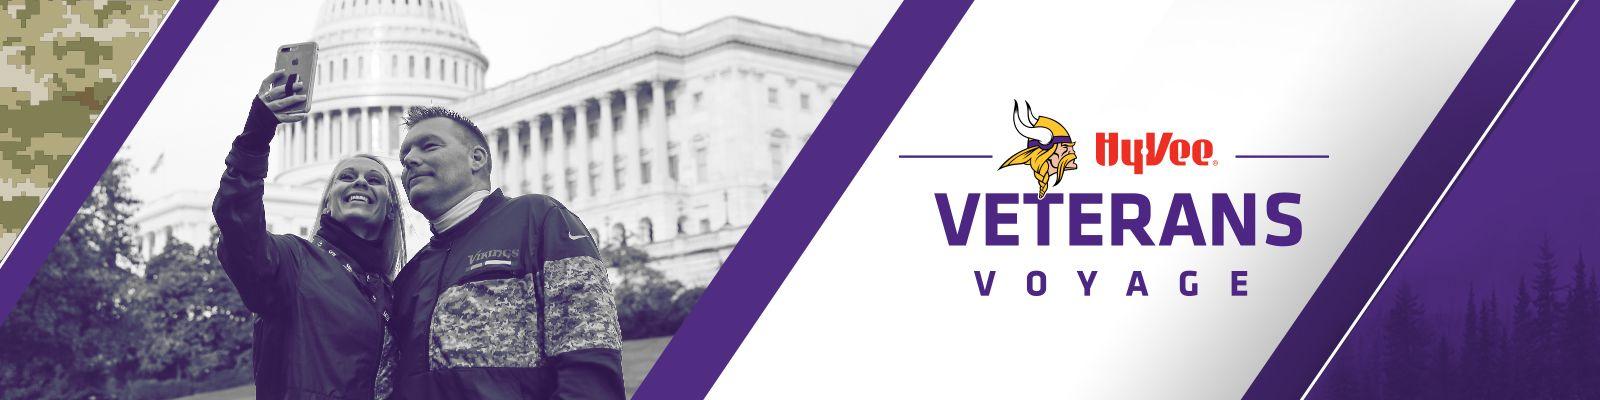 VeteransVoyage_Website-Header